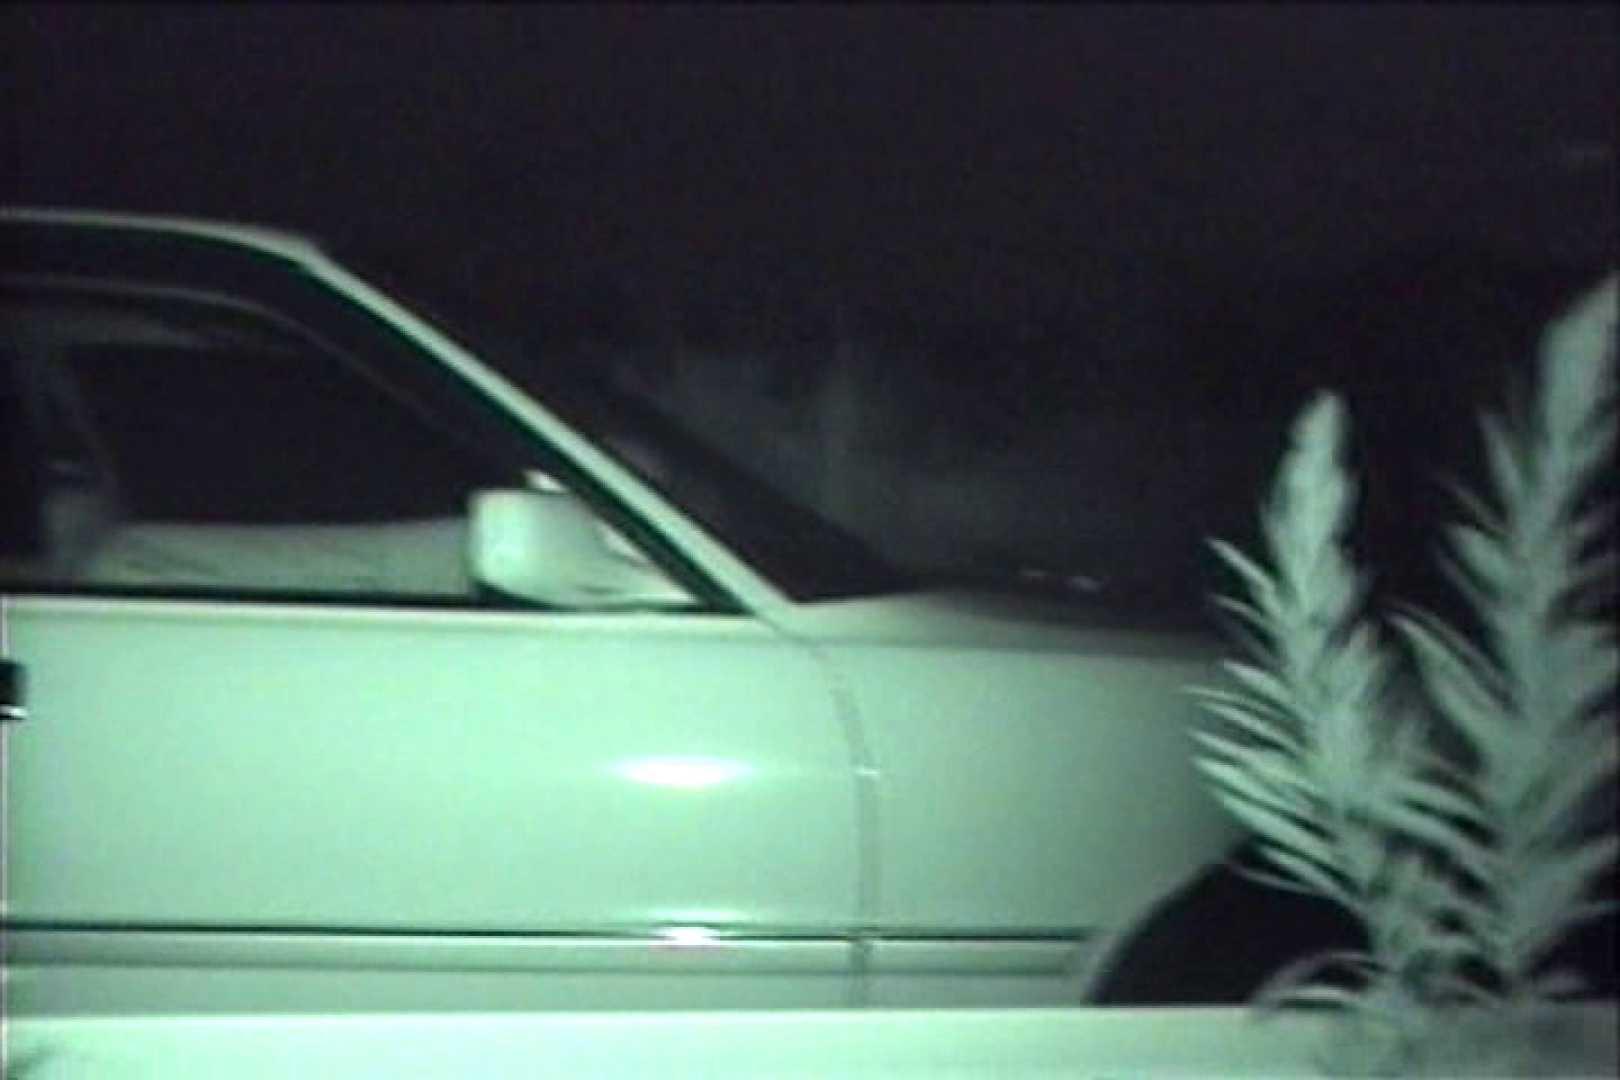 車の中はラブホテル 無修正版  Vol.18 カップル 戯れ無修正画像 100pic 31